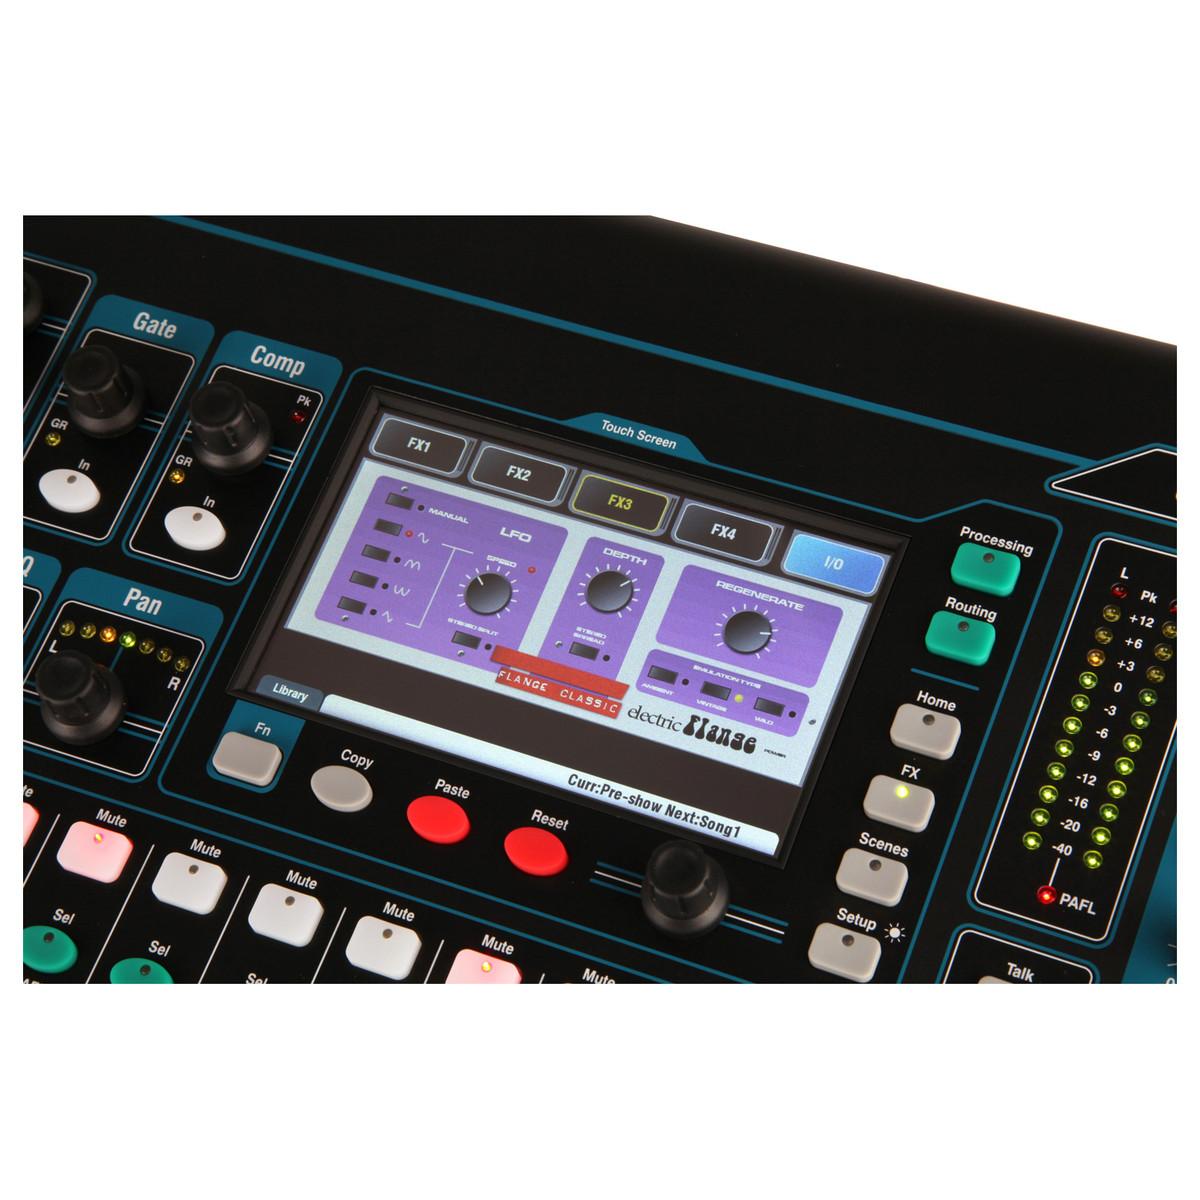 Allen & Heath Qu-16 Digital Mixer ASIO/WDM Driver